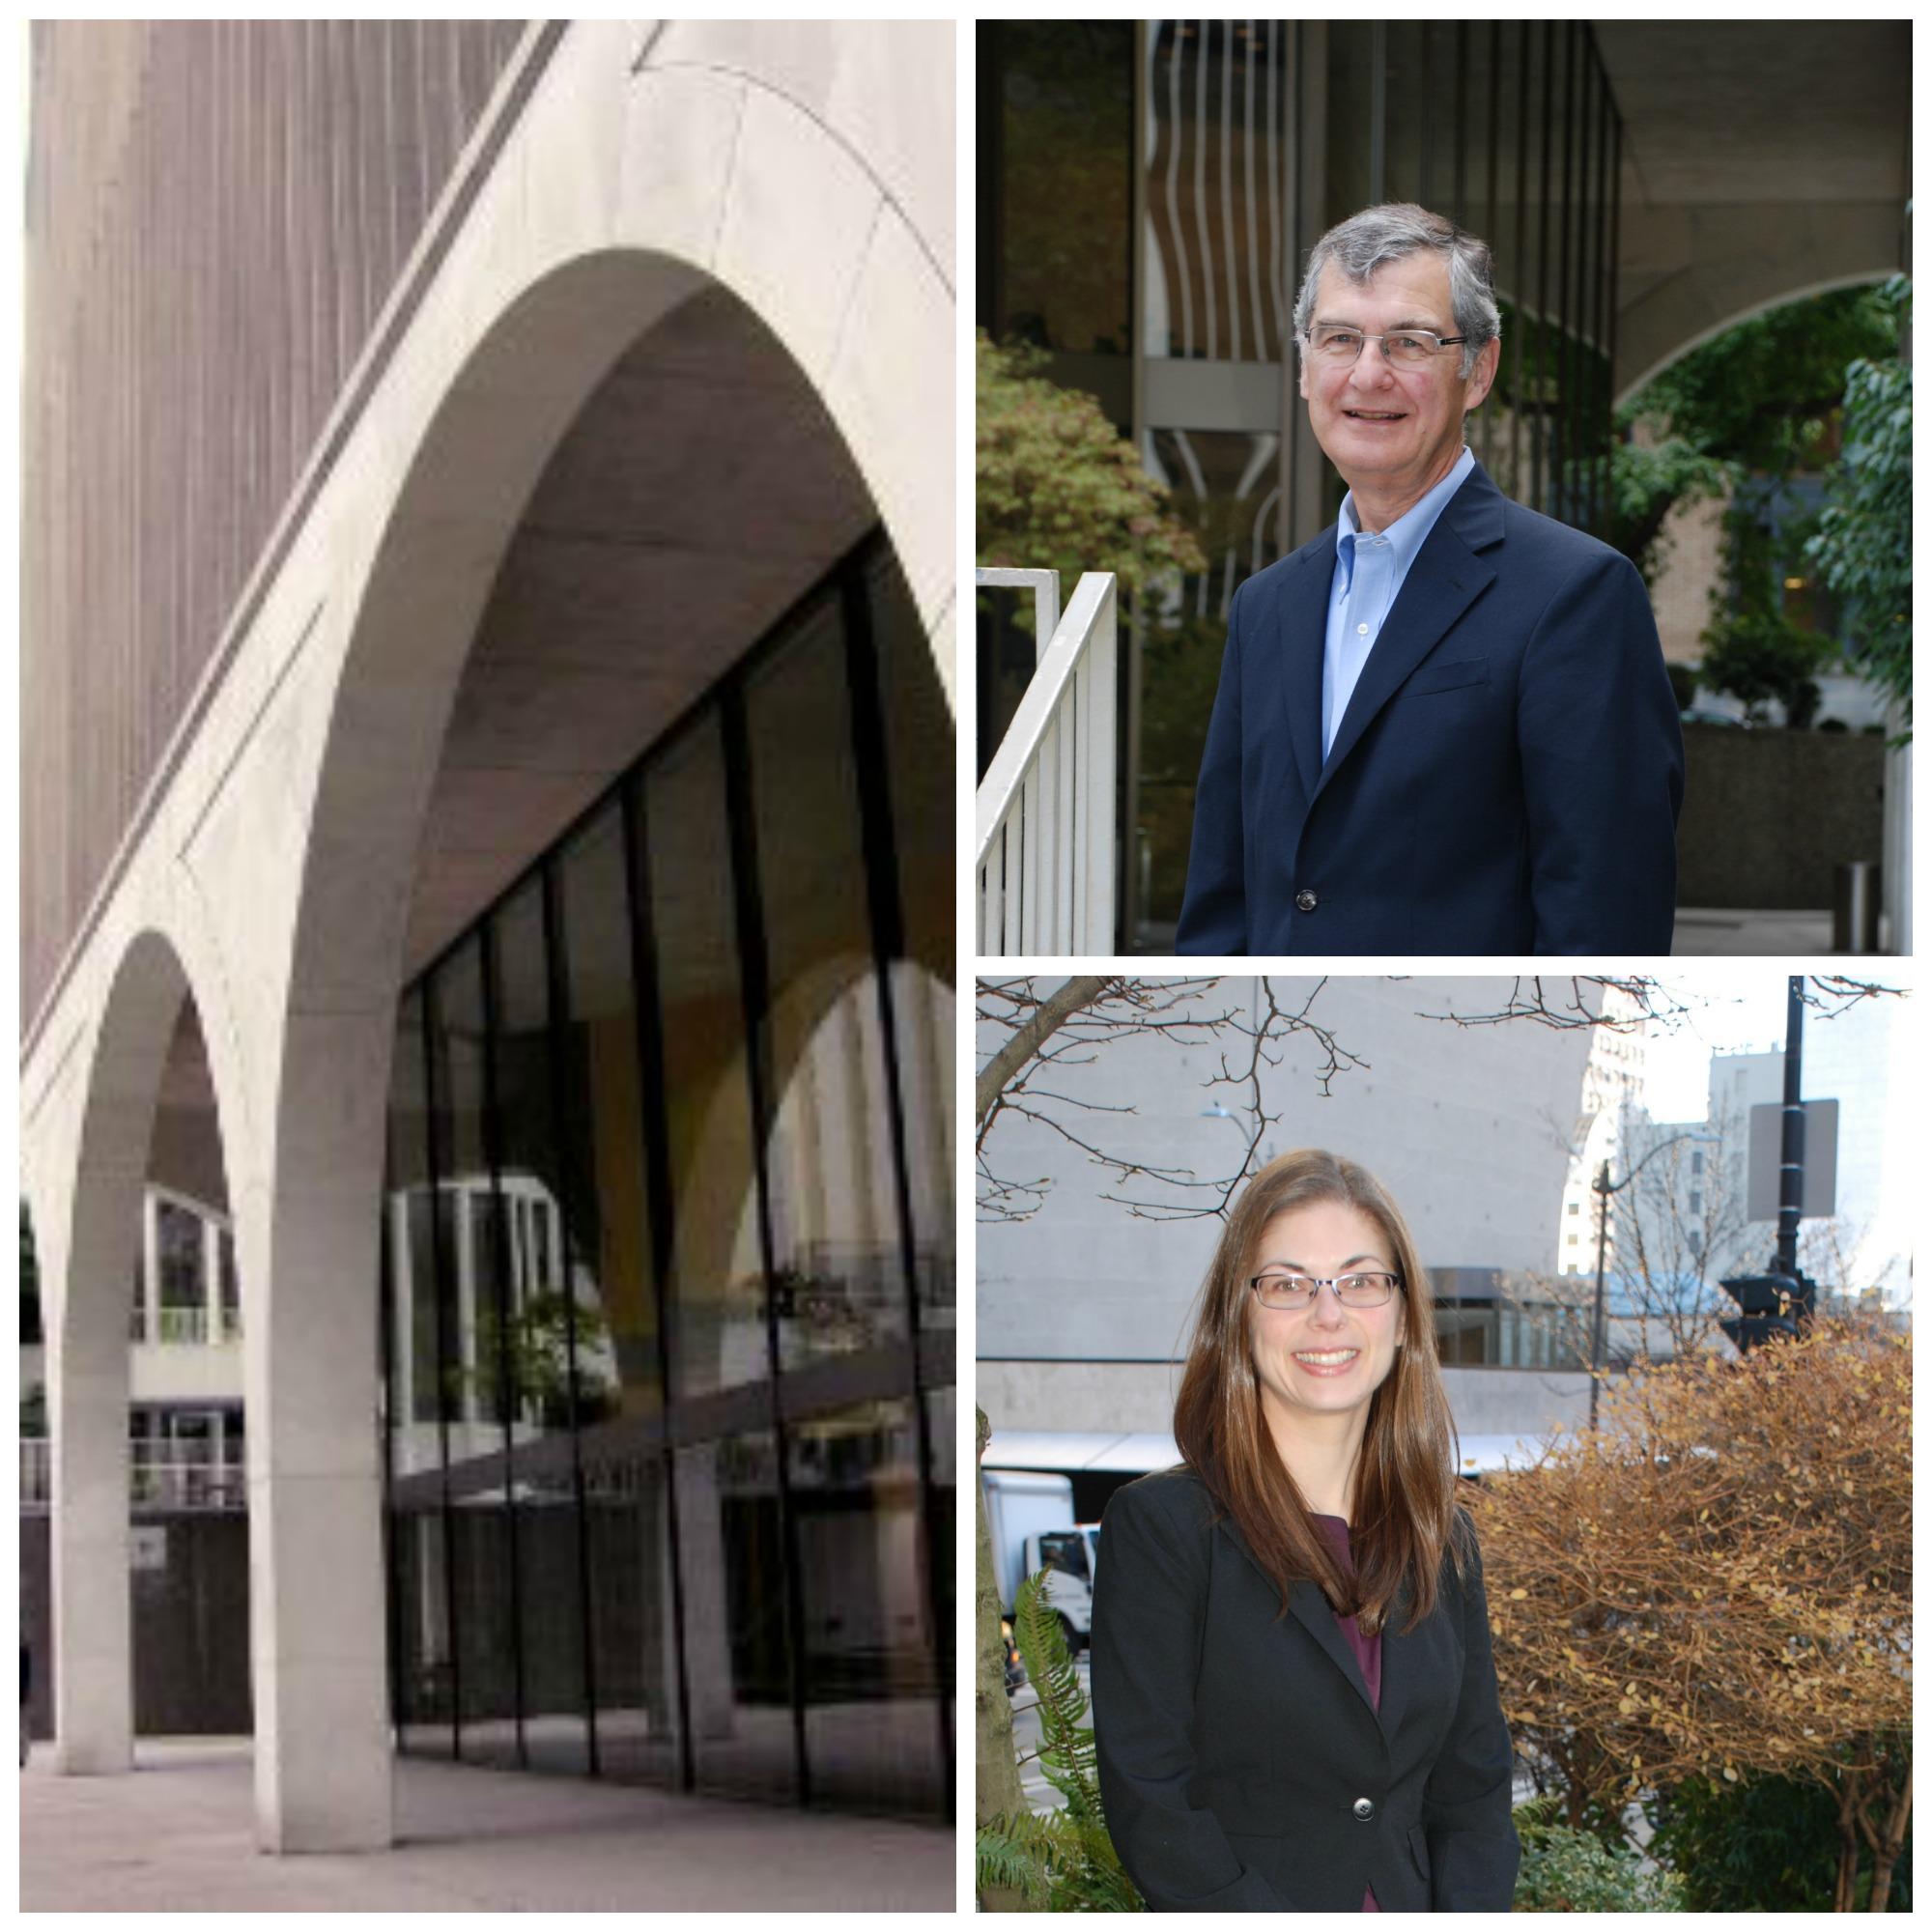 Douglas J. Engel Law Offices